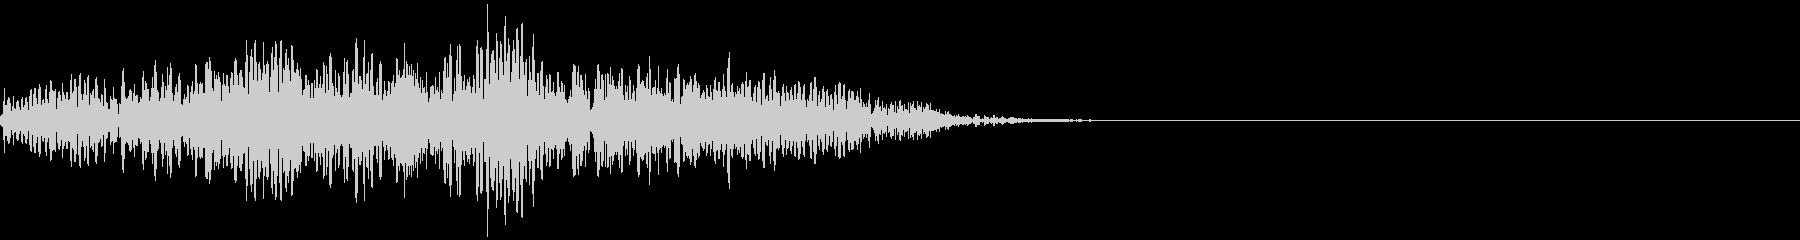 シンセベースによる場面転換音の未再生の波形